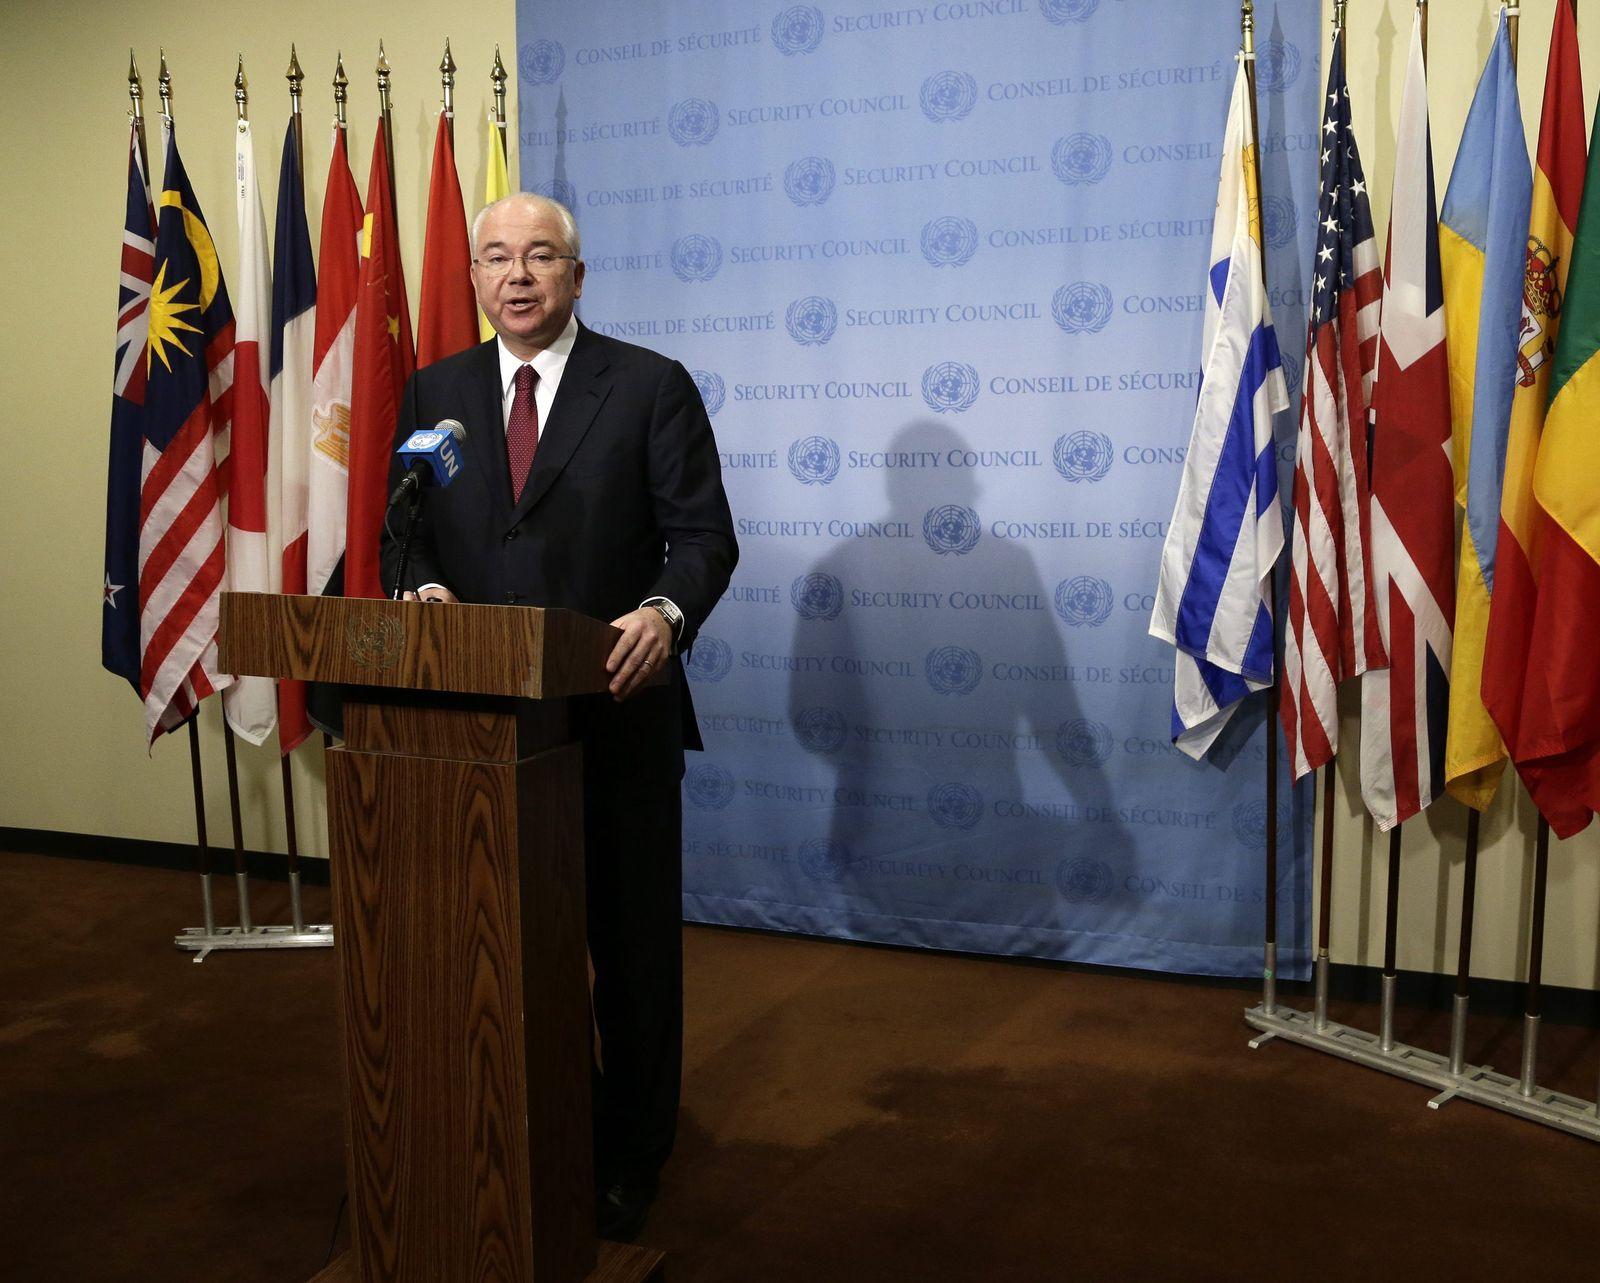 Sicherheitsrat